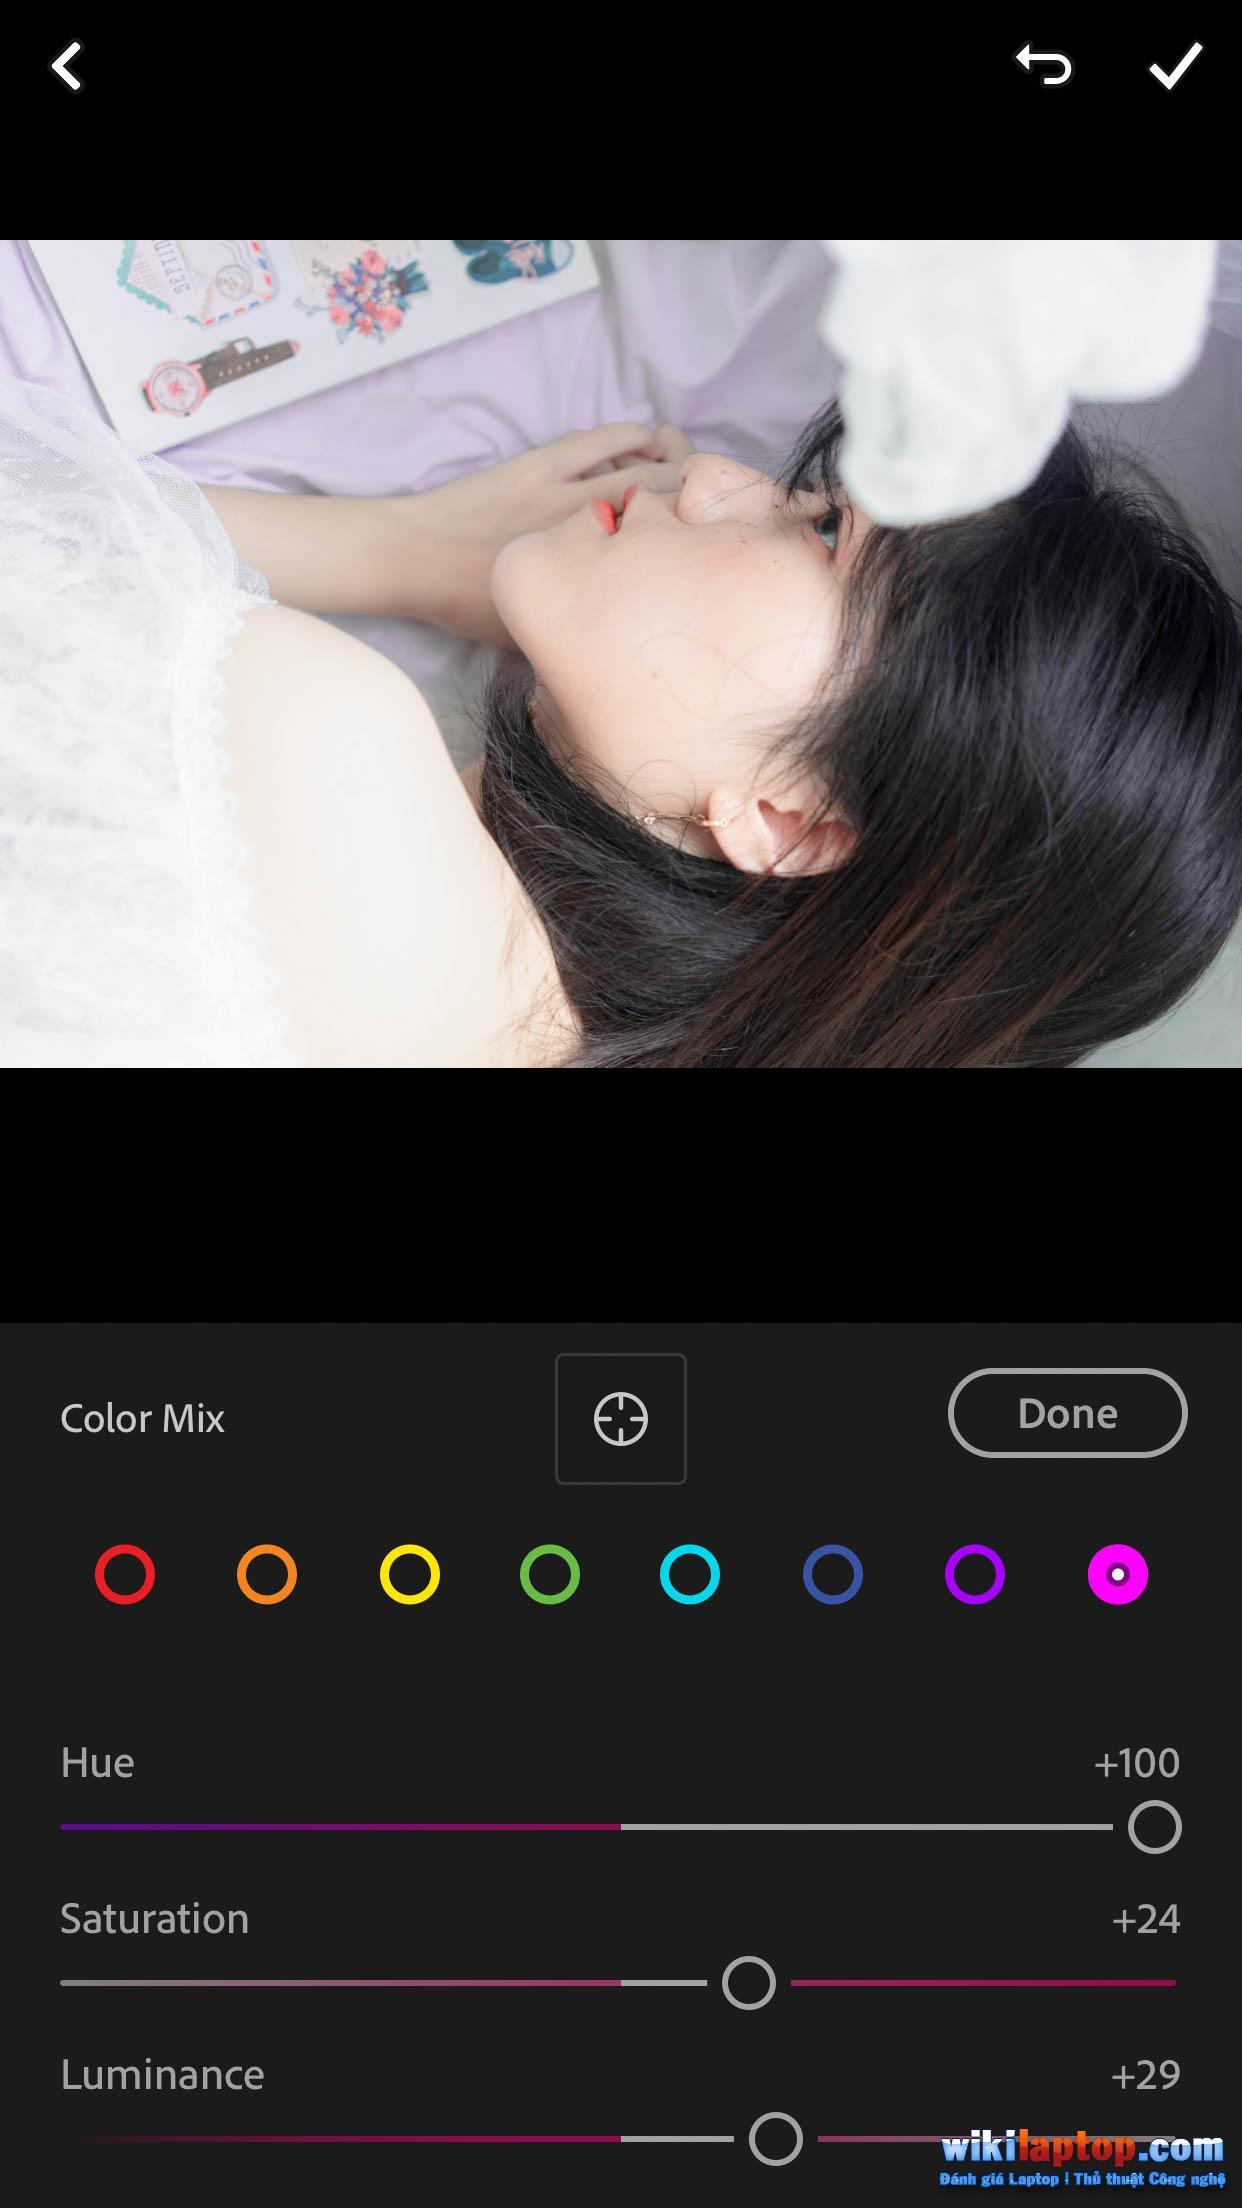 Sforum - Trang thông tin công nghệ mới nhất IMG_5556 Lightroom Mobile # 8: Điều chỉnh tông màu Trắng sáng - Trắng và hồng trong nhà với Lightroom Mobile.